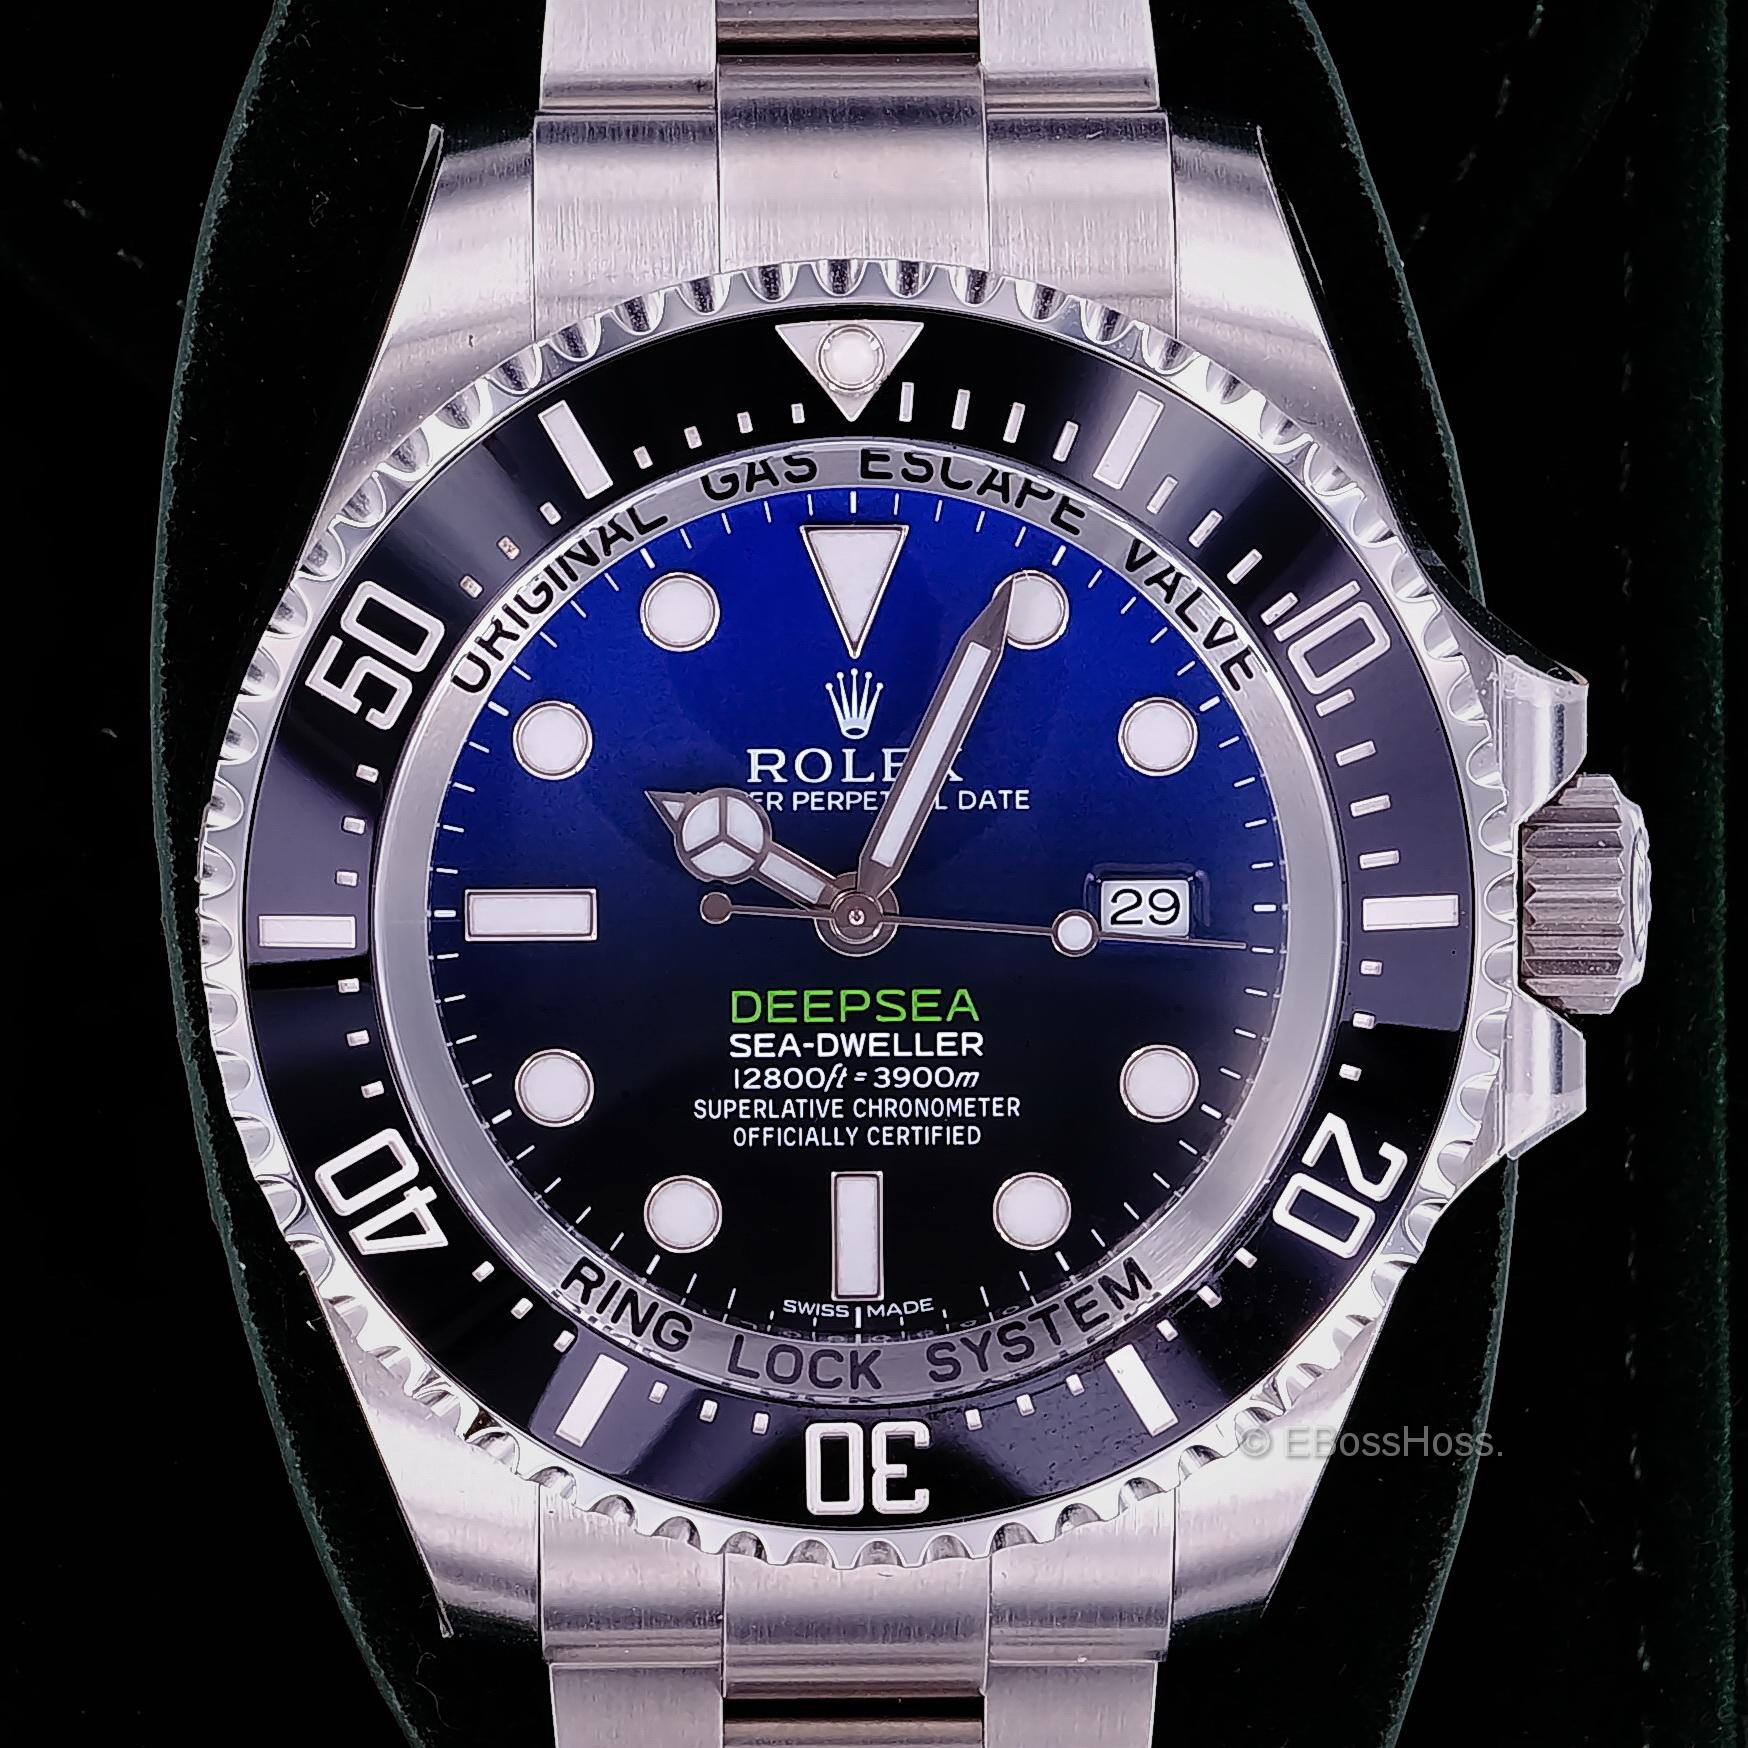 Rolex DEEPSEA SEA-DWELLER Deep-Blue - 44mm - Ref 116660